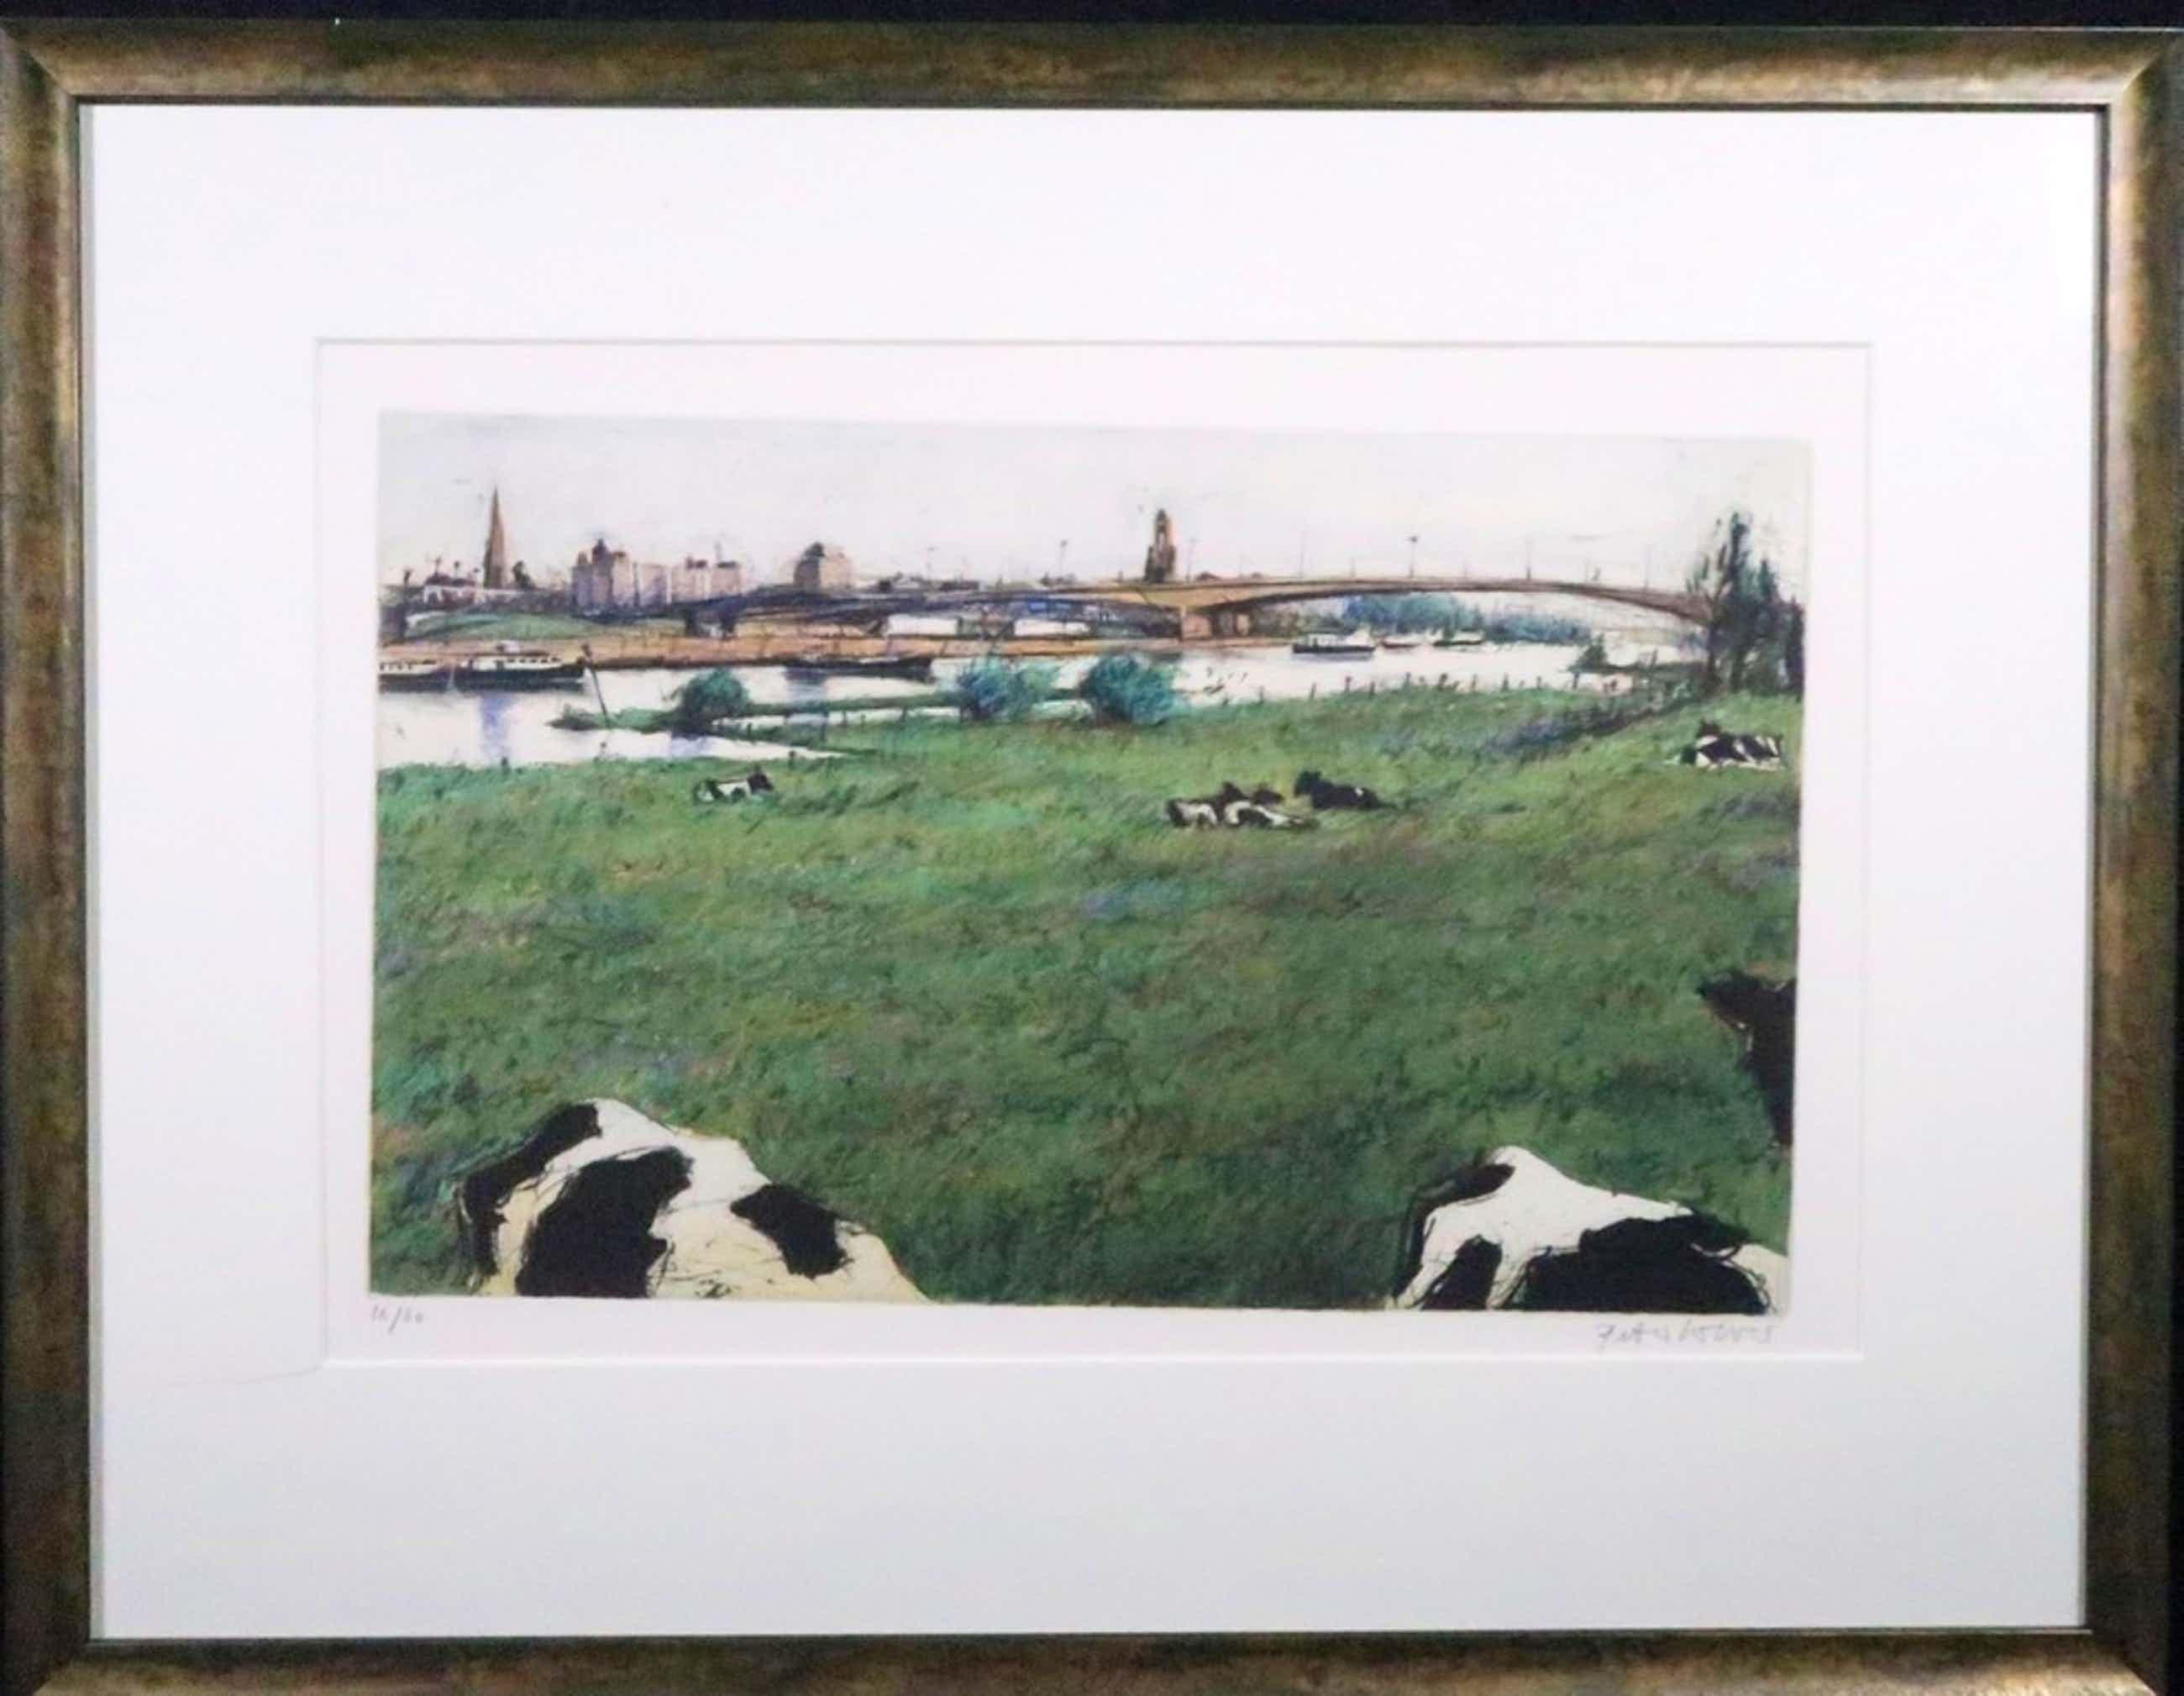 Peter Wever: Ets, Landschap met koeien - Ingelijst kopen? Bied vanaf 60!